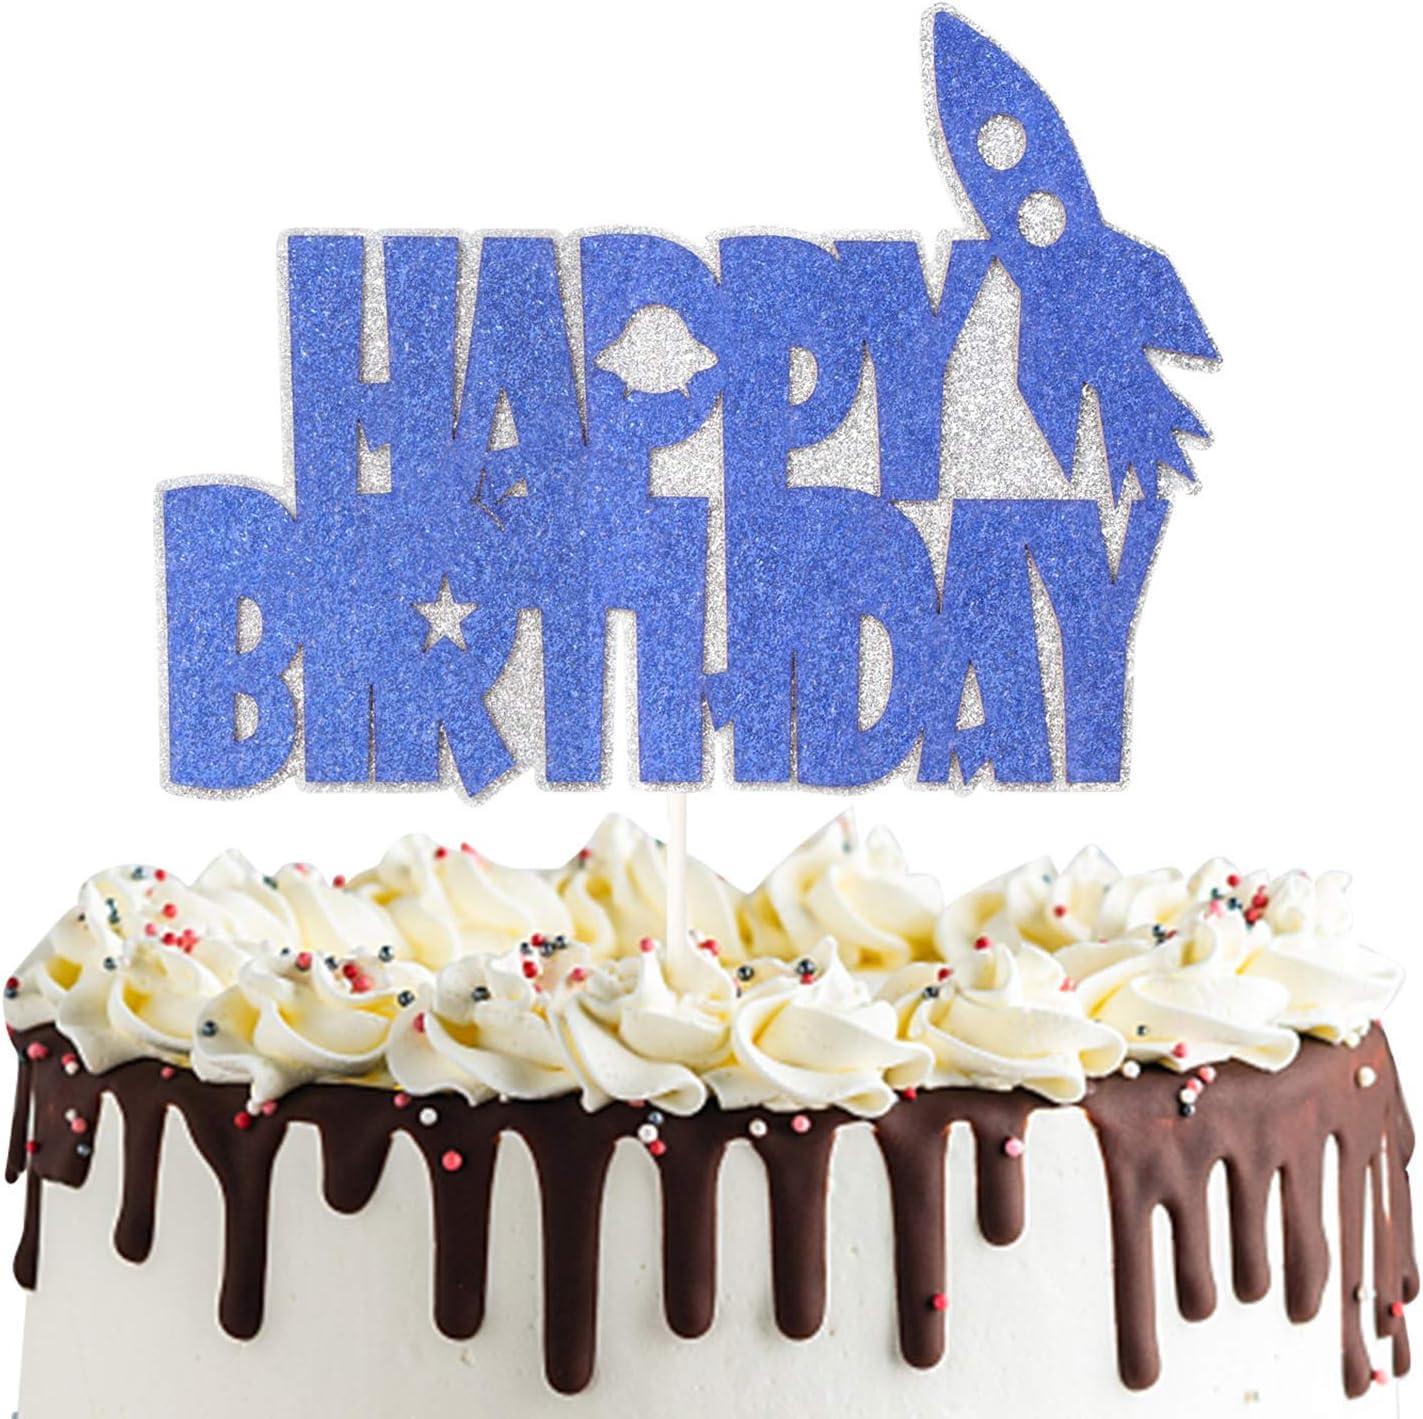 Personalised Rocket Cake Topper Spaceman Fun Kids Cake Decoration Birthday Boy Girl Spaceship.